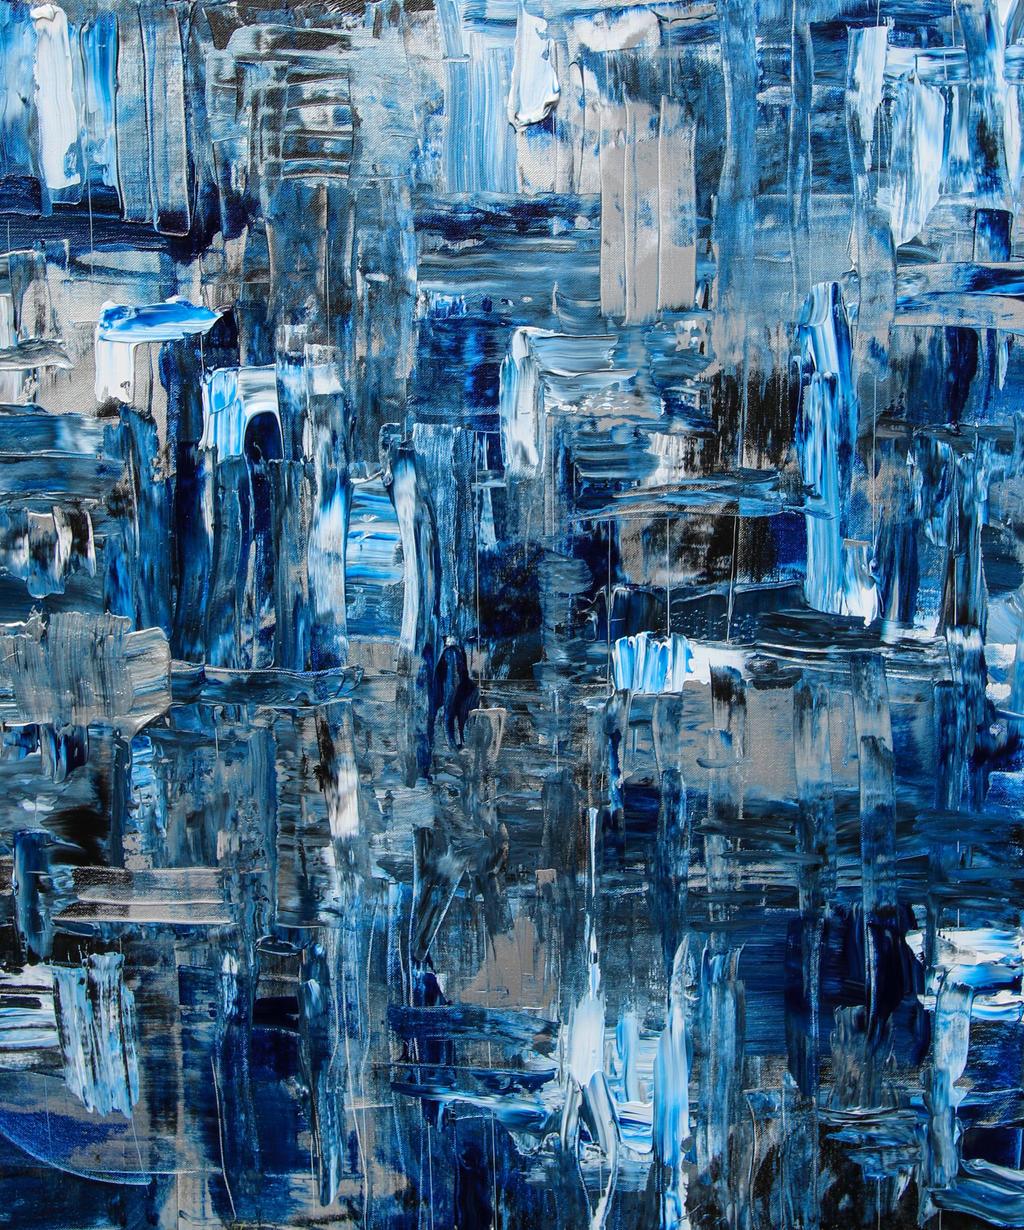 Ice in Her Veins by cjheery